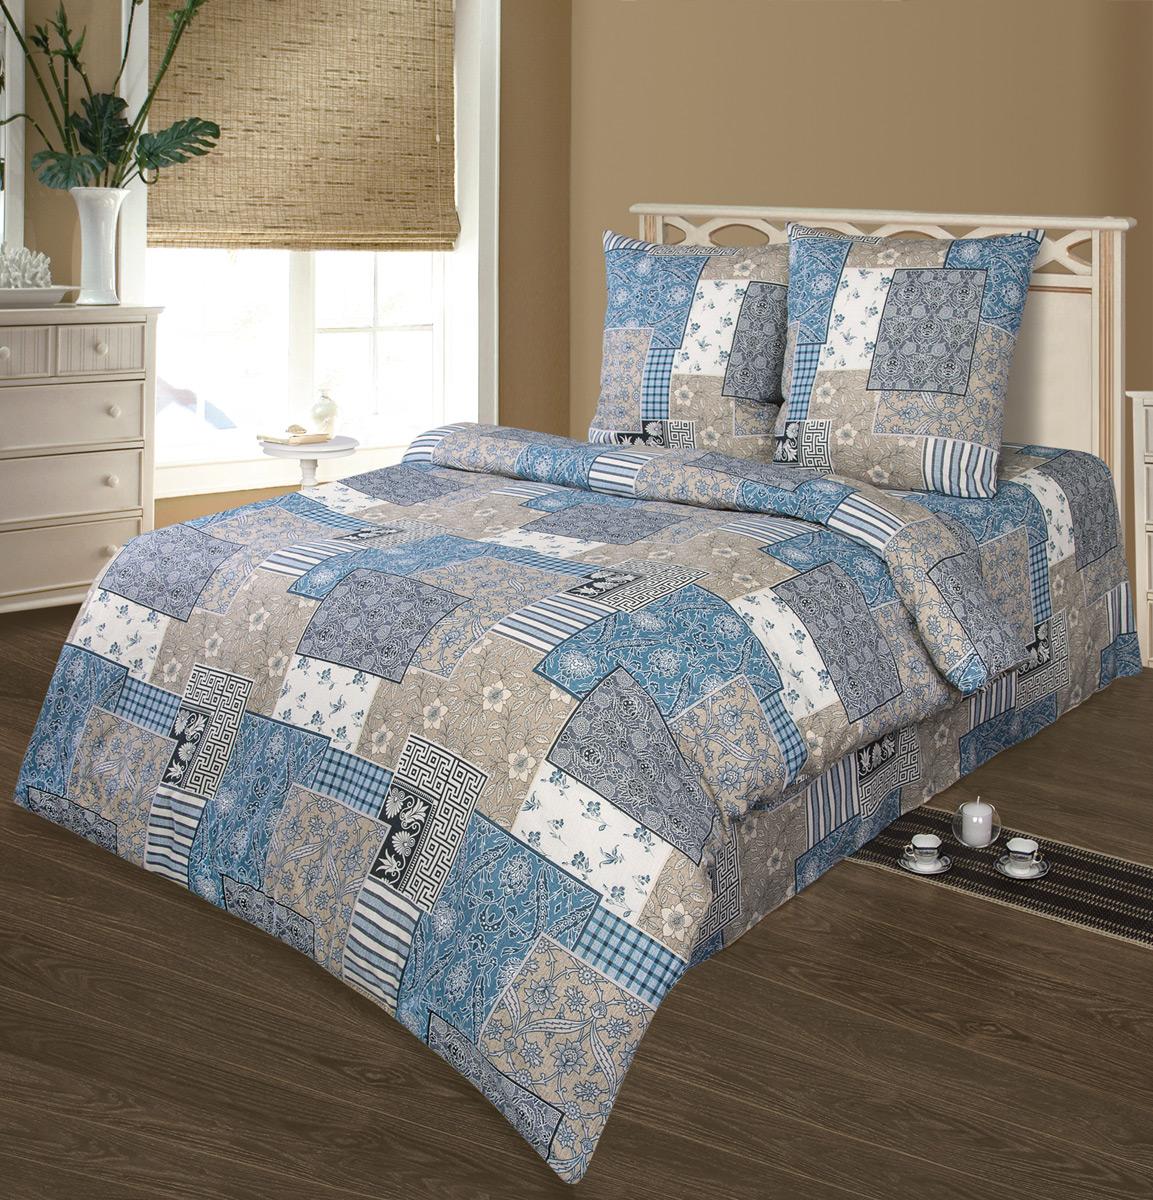 Комплект белья Шоколад Милана, 2-спальный, наволочки 70x70. Б104Б104Комплект постельного белья Шоколад Милана является экологически безопасным для всей семьи, так как выполнен из натурального хлопка. Комплект состоит из пододеяльника, простыни и двух наволочек. Постельное белье оформлено оригинальным рисунком и имеет изысканный внешний вид. Бязь - это ткань полотняного переплетения, изготовленная из экологически чистого и натурального 100% хлопка. Она прочная, мягкая, обладает низкой сминаемостью, легко стирается и хорошо гладится. Бязь прекрасно пропускает воздух и за ней легко ухаживать. При соблюдении рекомендуемых условий стирки, сушки и глажения ткань имеет усадку по ГОСТу, сохранятся яркость текстильных рисунков. Приобретая комплект постельного белья Шоколад Милана, вы можете быть уверены в том, что покупка доставит вам и вашим близким удовольствие и подарит максимальный комфорт.